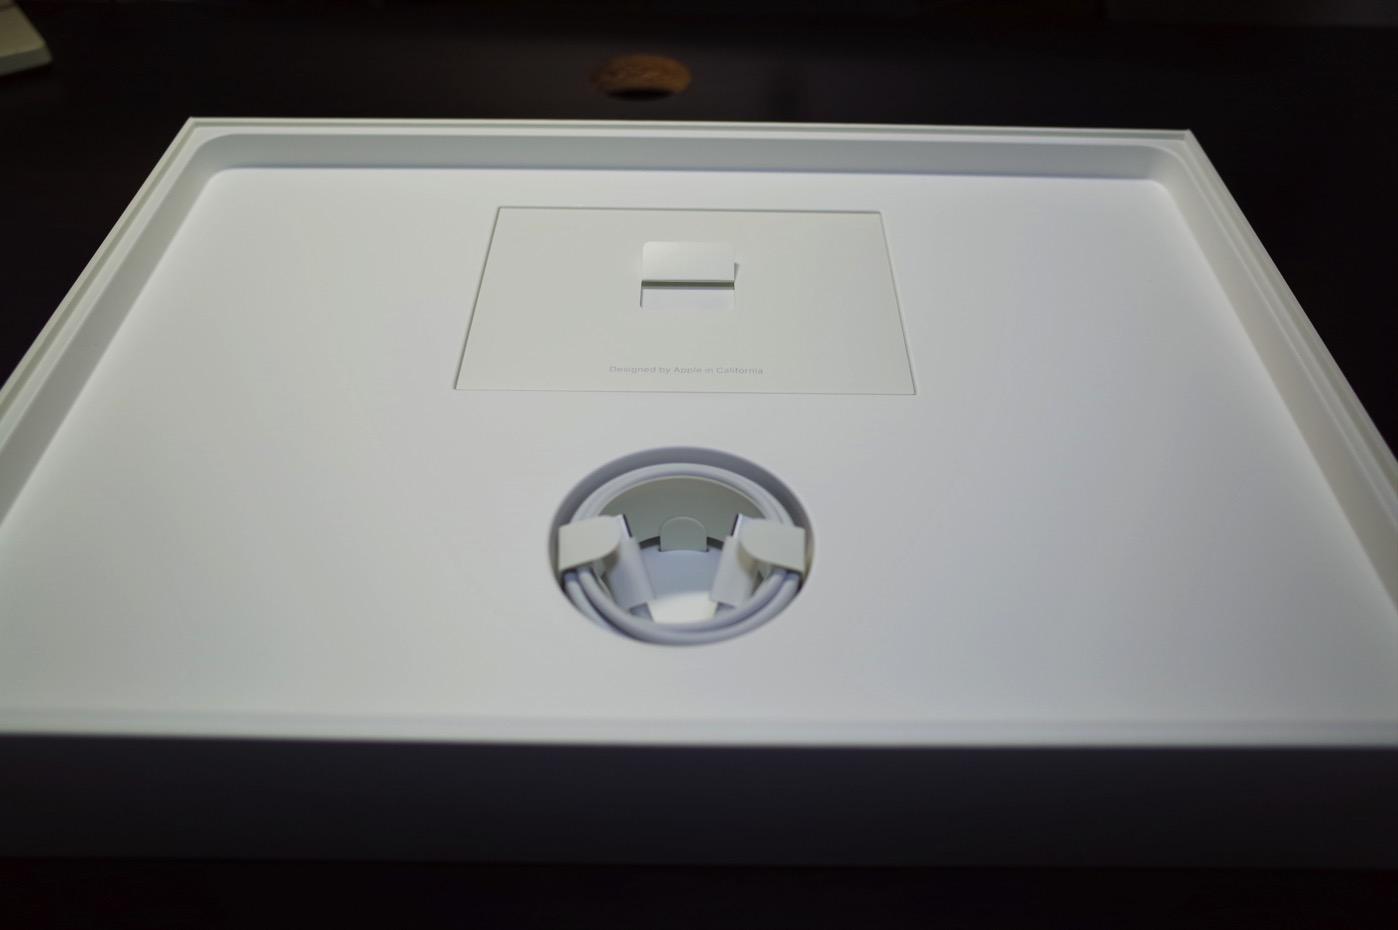 MacBook Pro-7